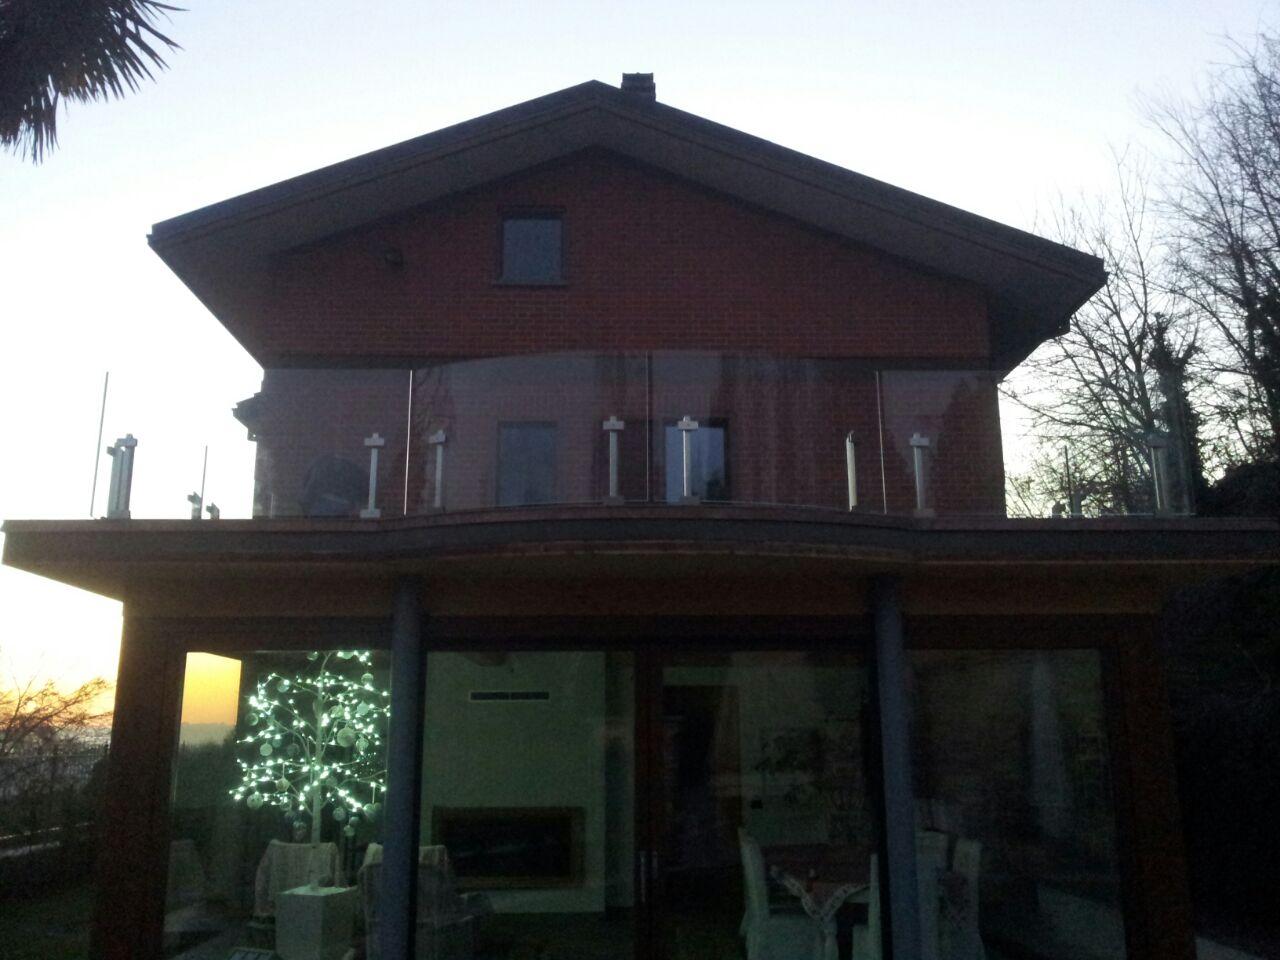 Scagliola glass vetreria torino terrazzo con - Parapetto terrazzo ...